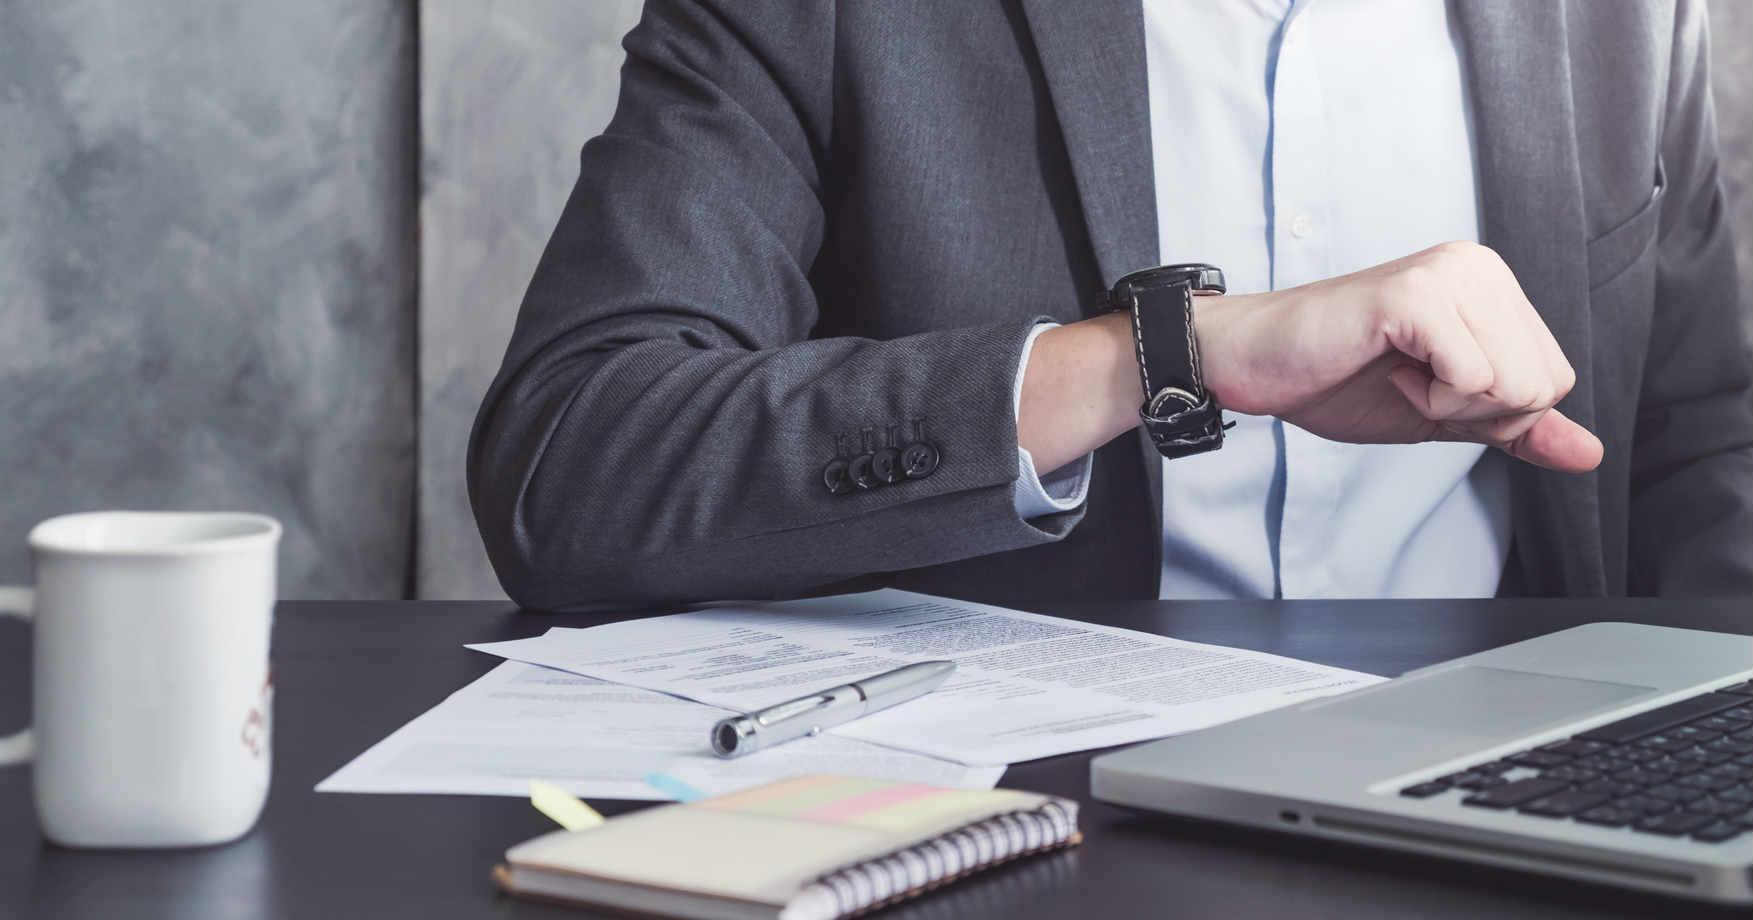 40代で一生モノの腕時計を選ぶポイントとおすすめ品を男女別に解説